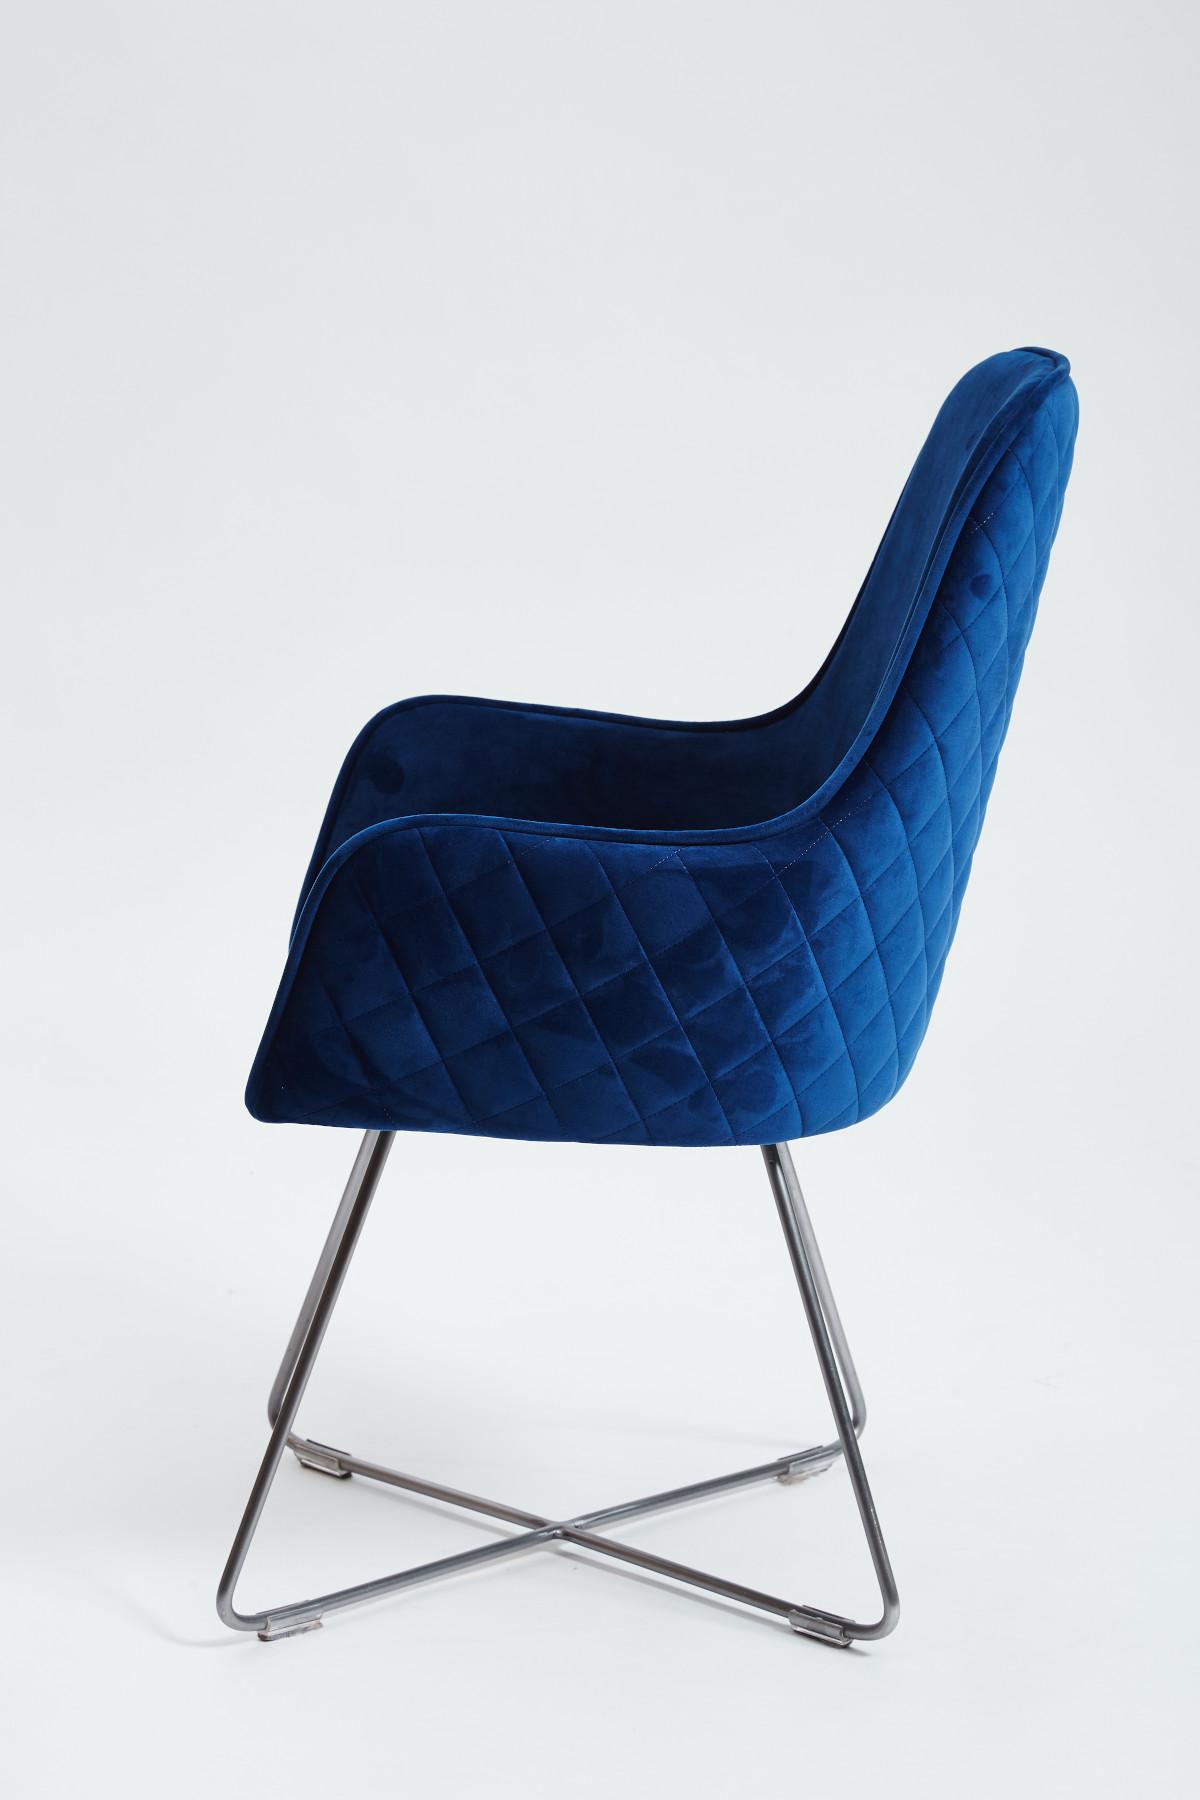 Utah Dining Chair - Plush Marine